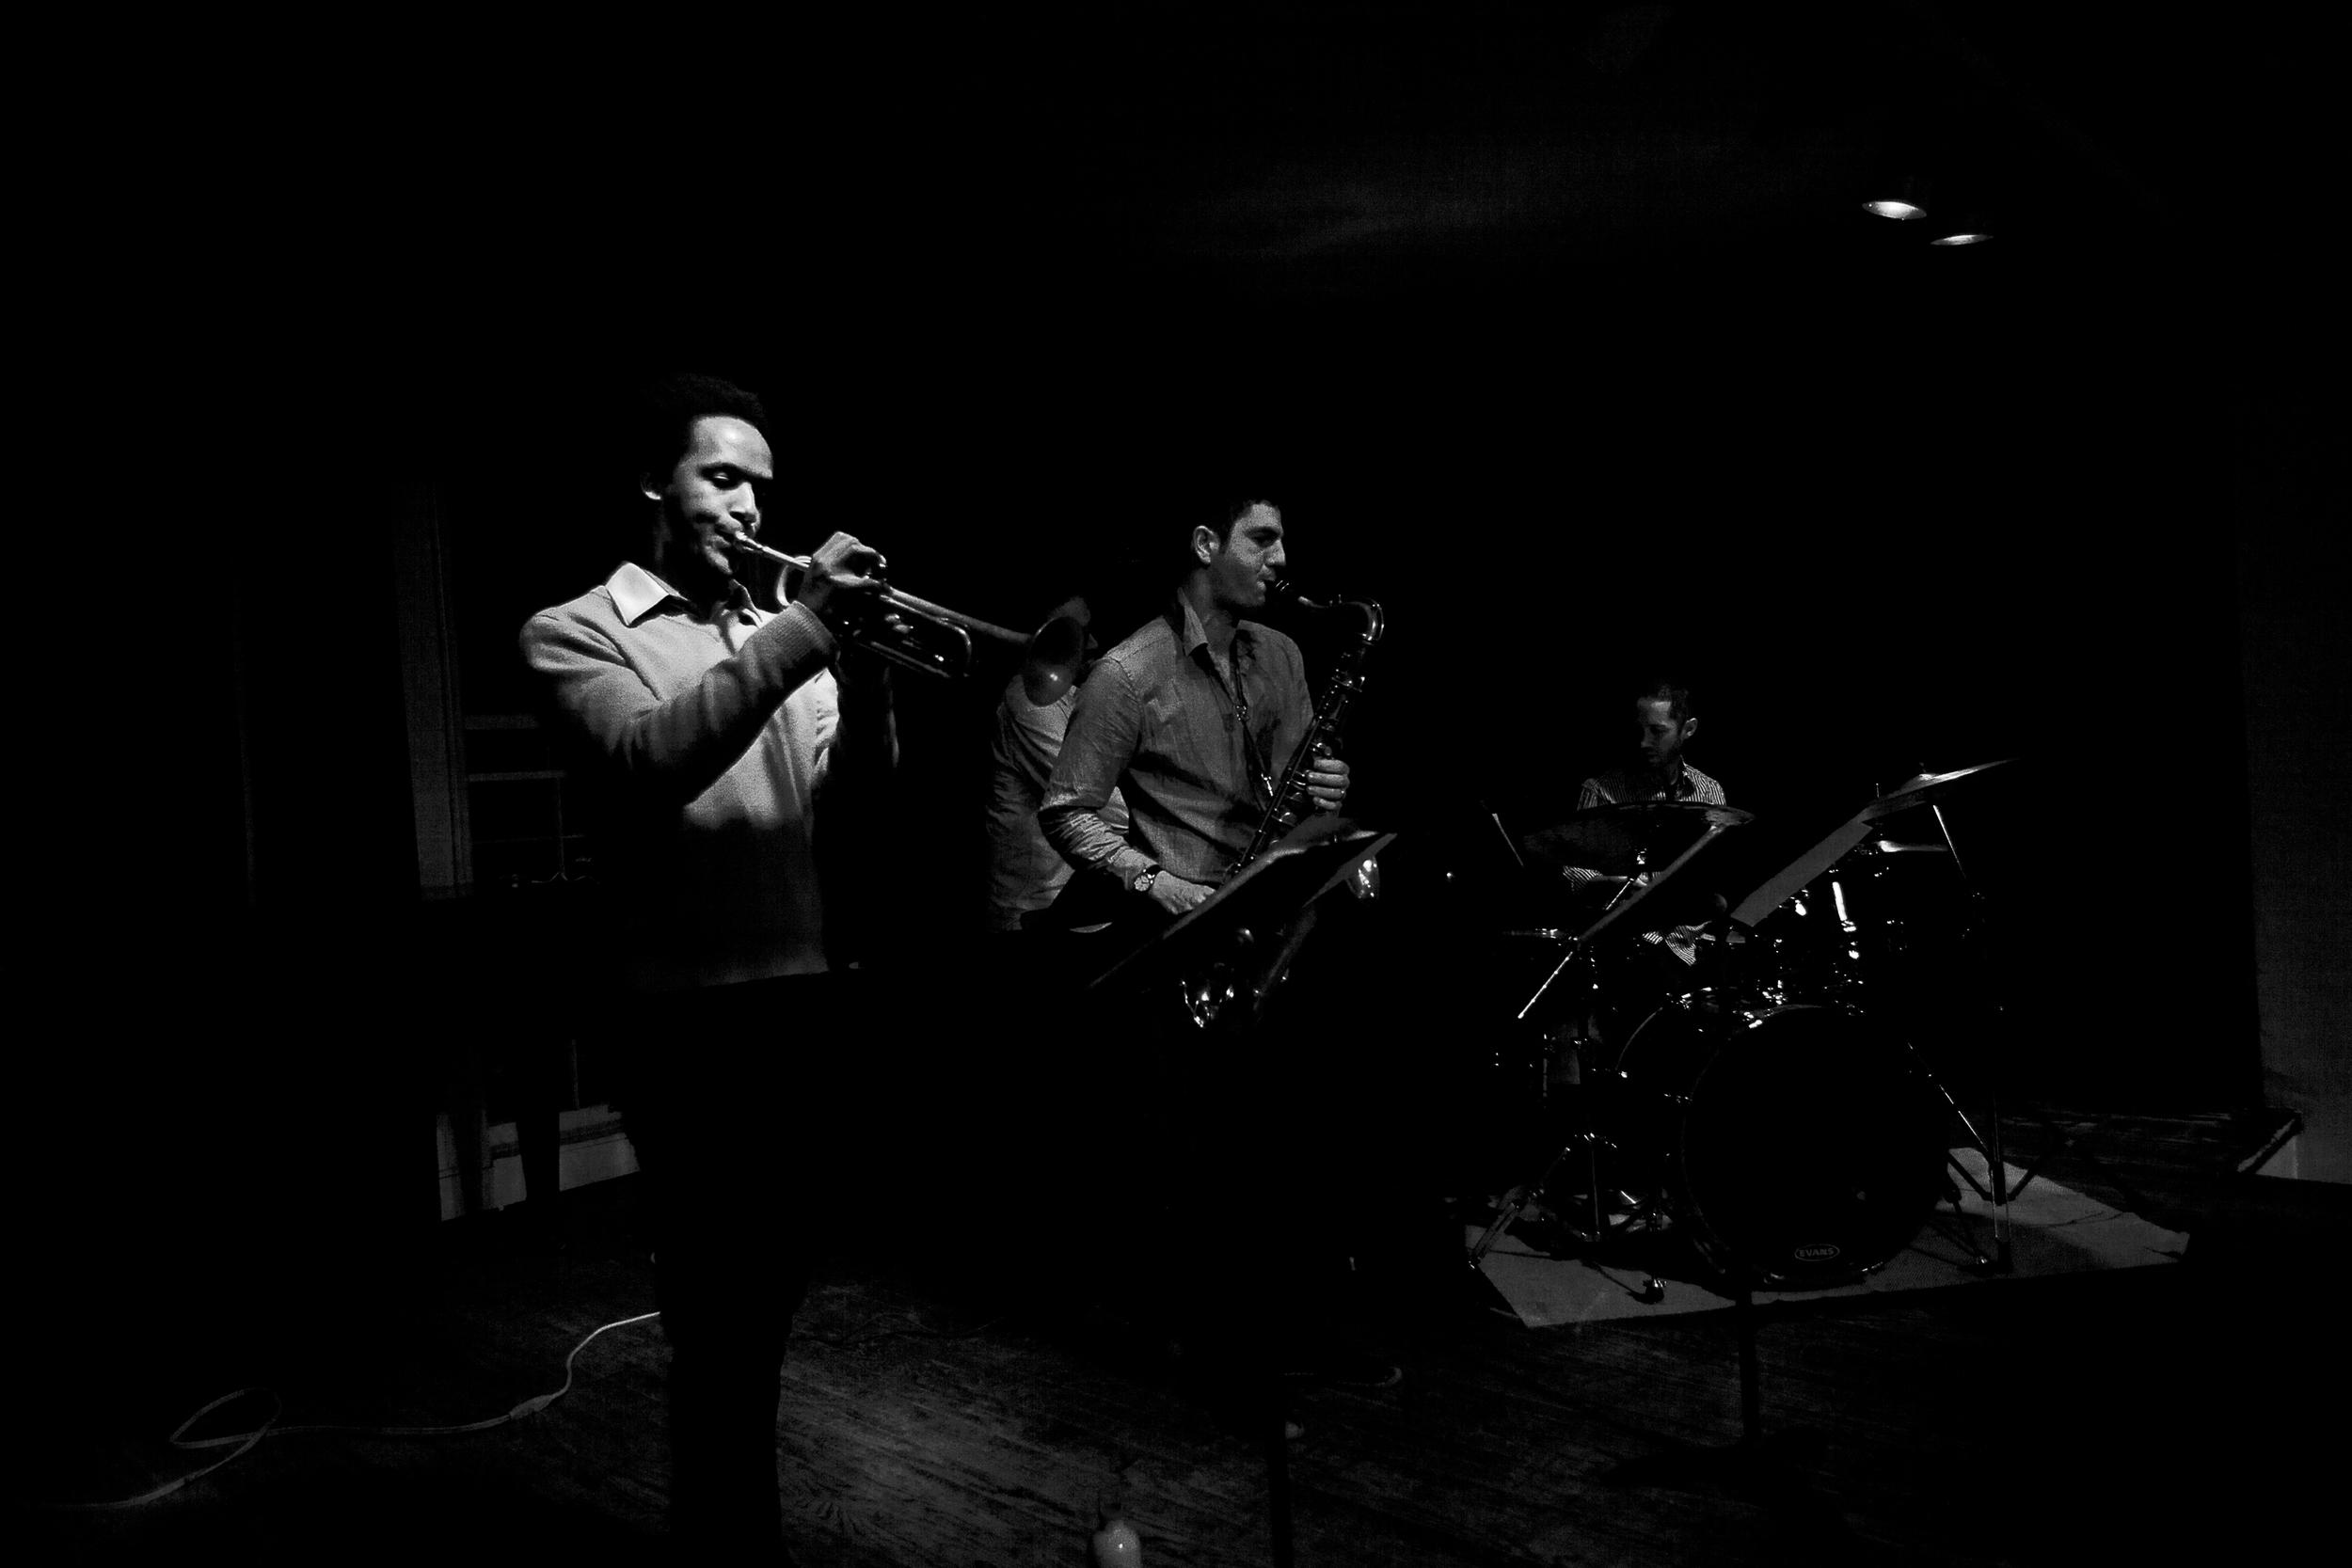 The Aquarian Suite Quartet